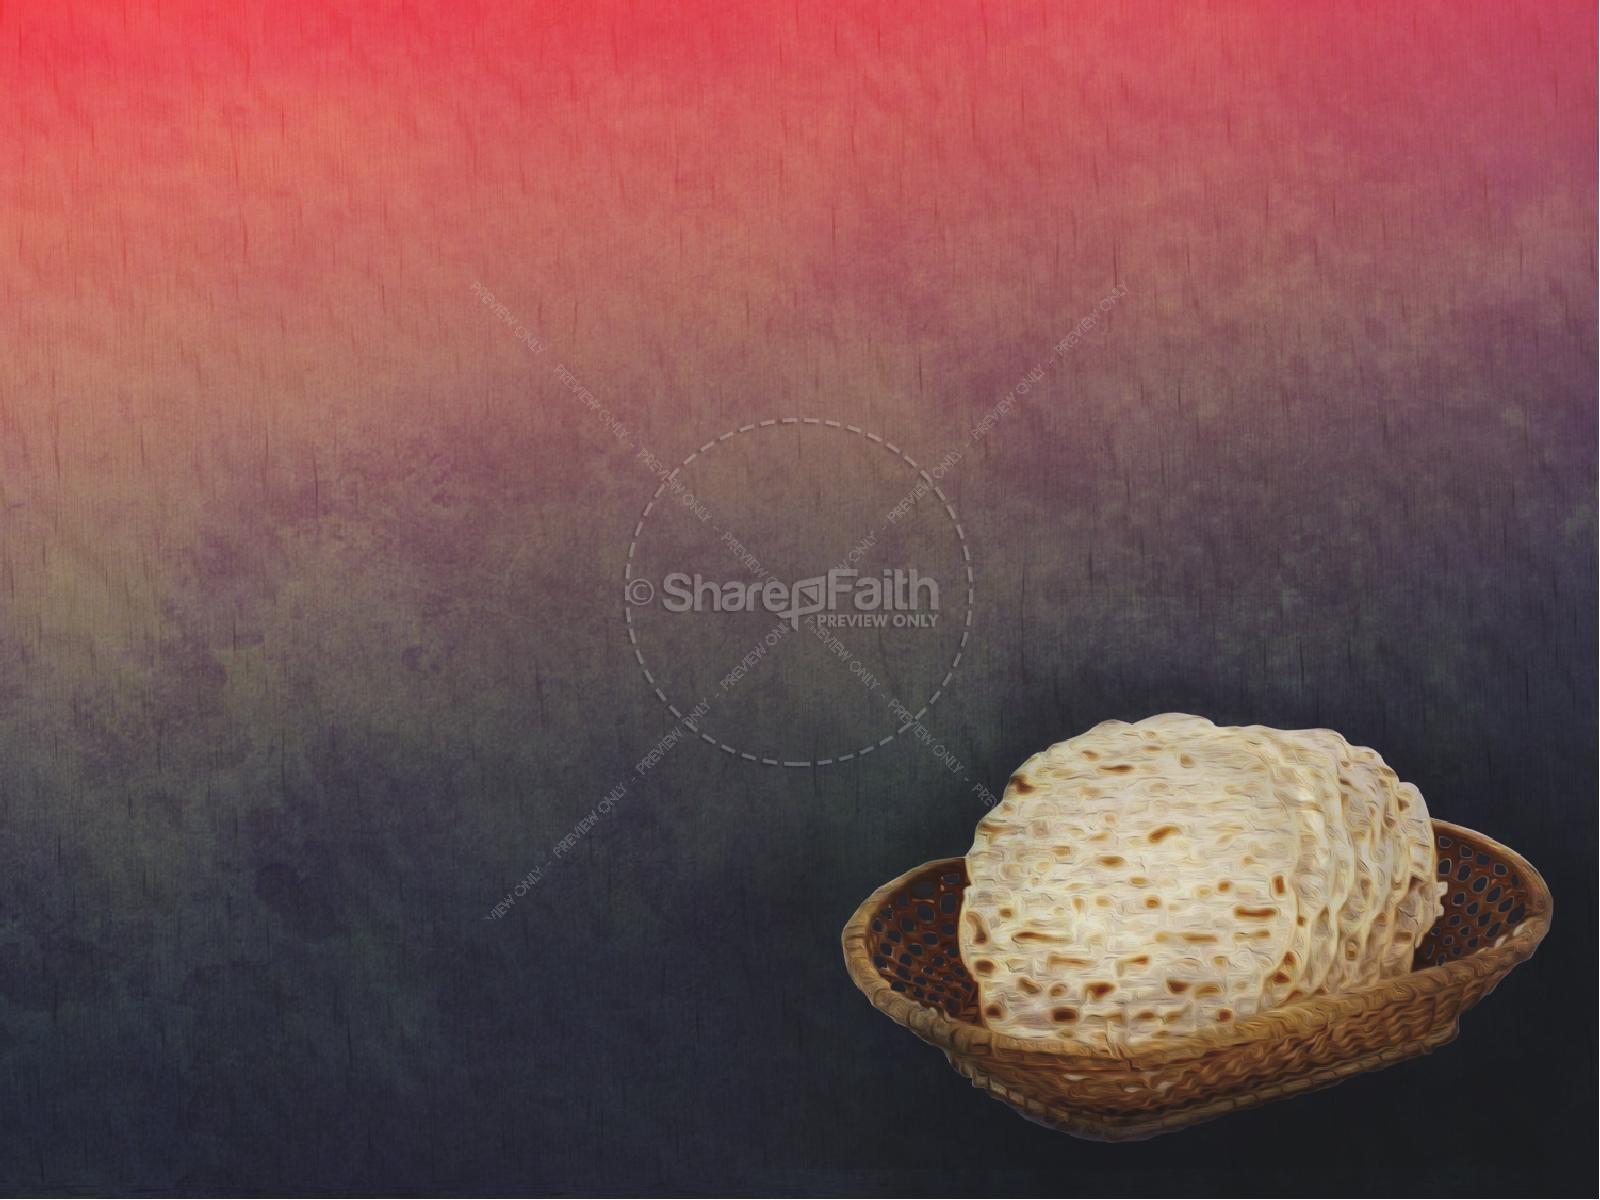 Feast of Unleavened Bread Christian